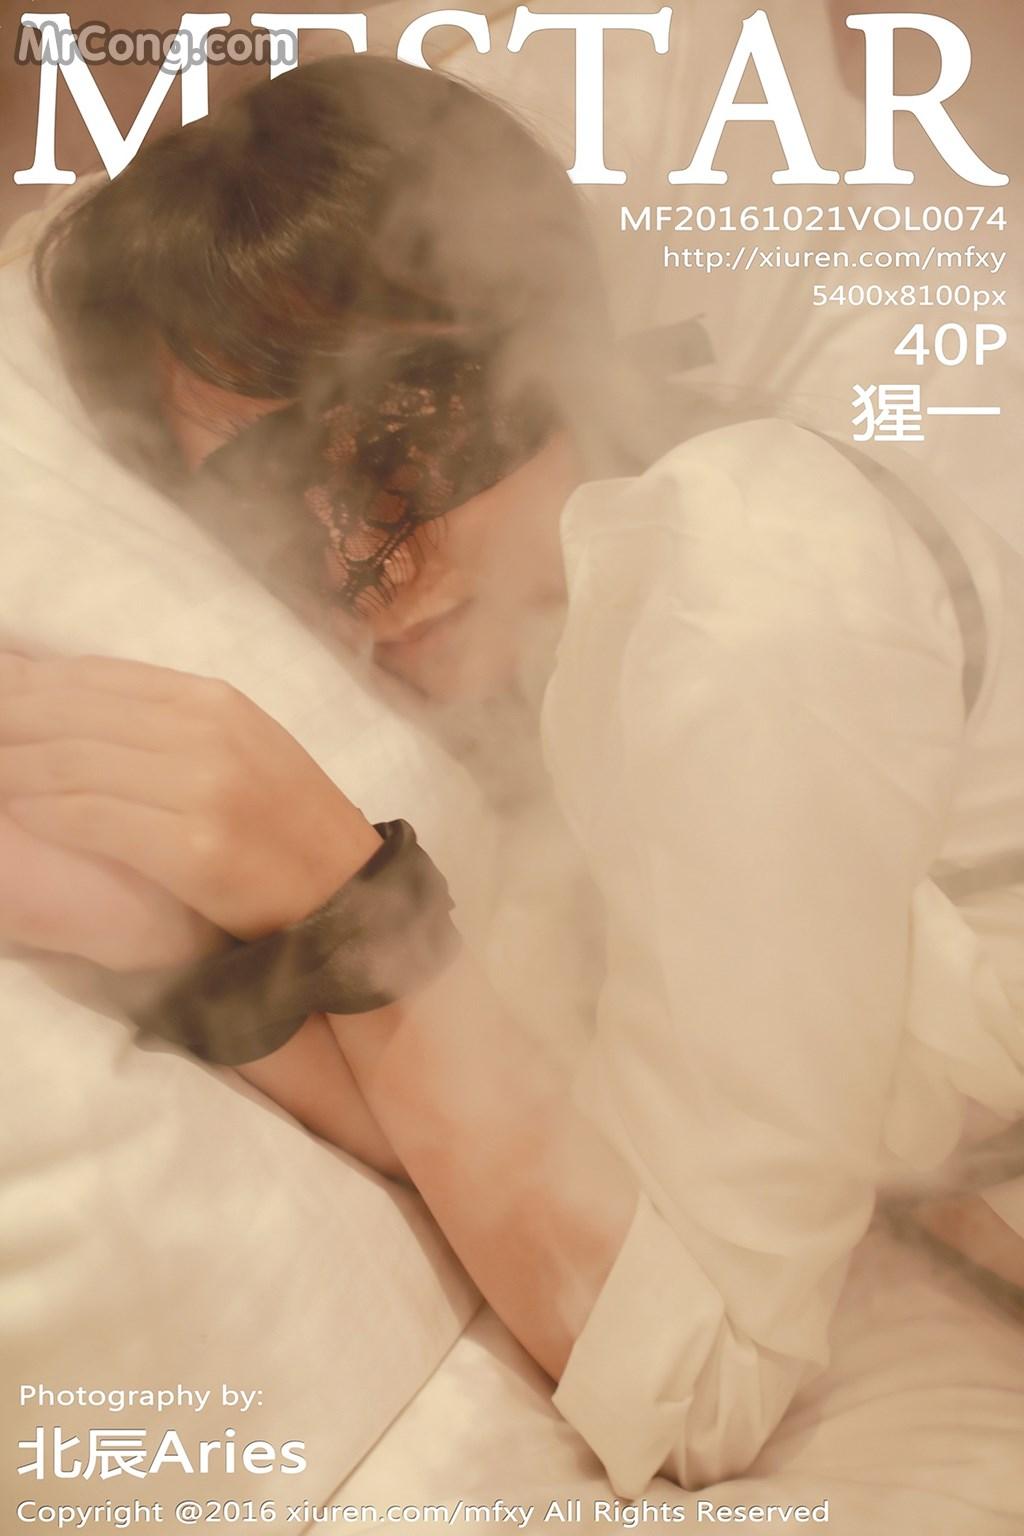 MFStar Vol.074: Người mẫu Xing Yi (猩一) (41 ảnh)